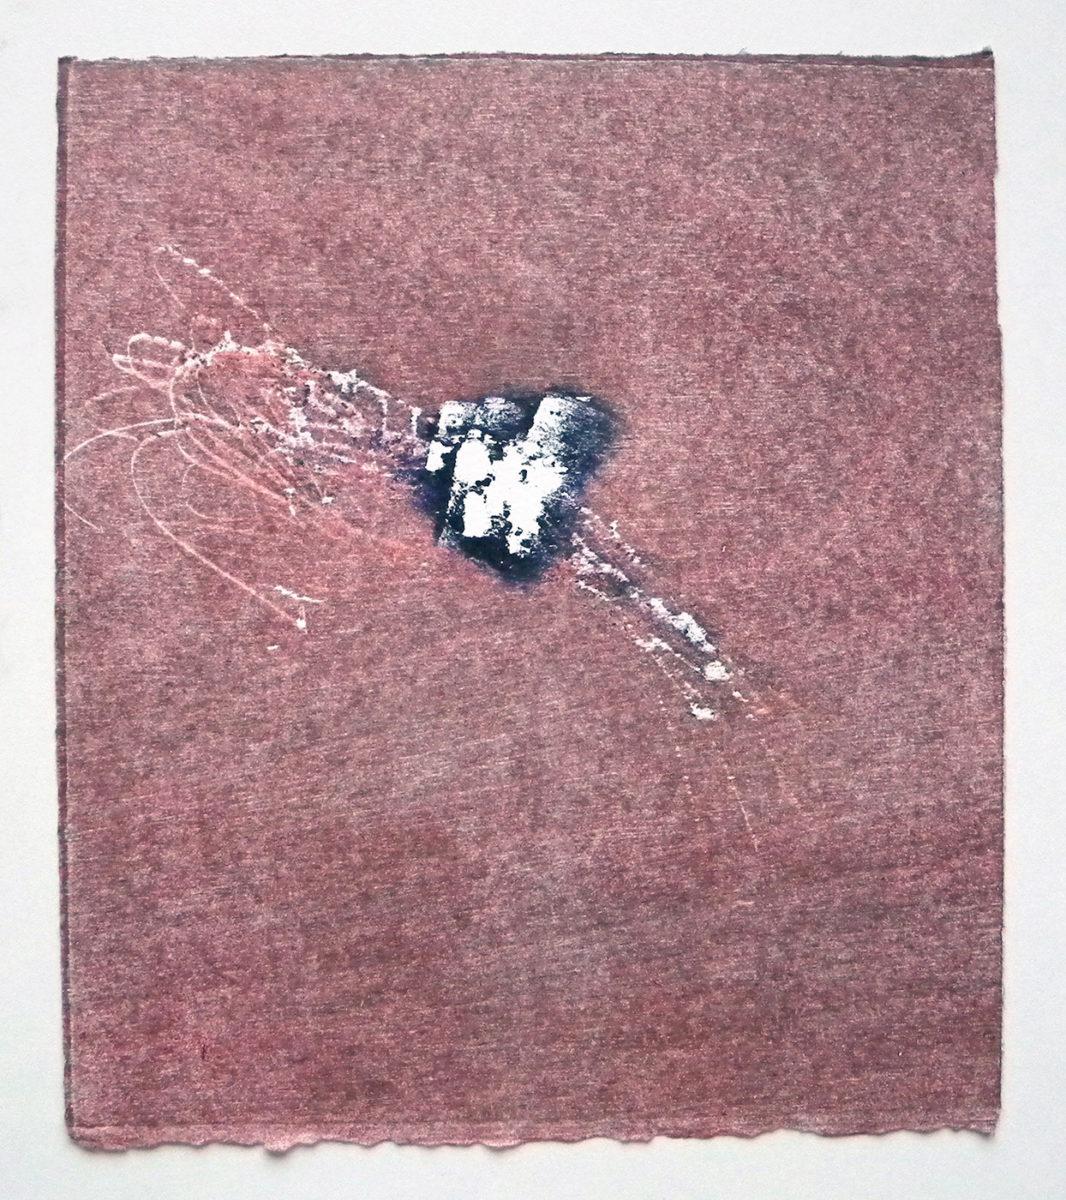 MARC FELD 2012 SONG FOR STEVE LACY 8' Gravure sur bois encre sur papier 25 x 26 cm (Tirage Patrick Vernet)